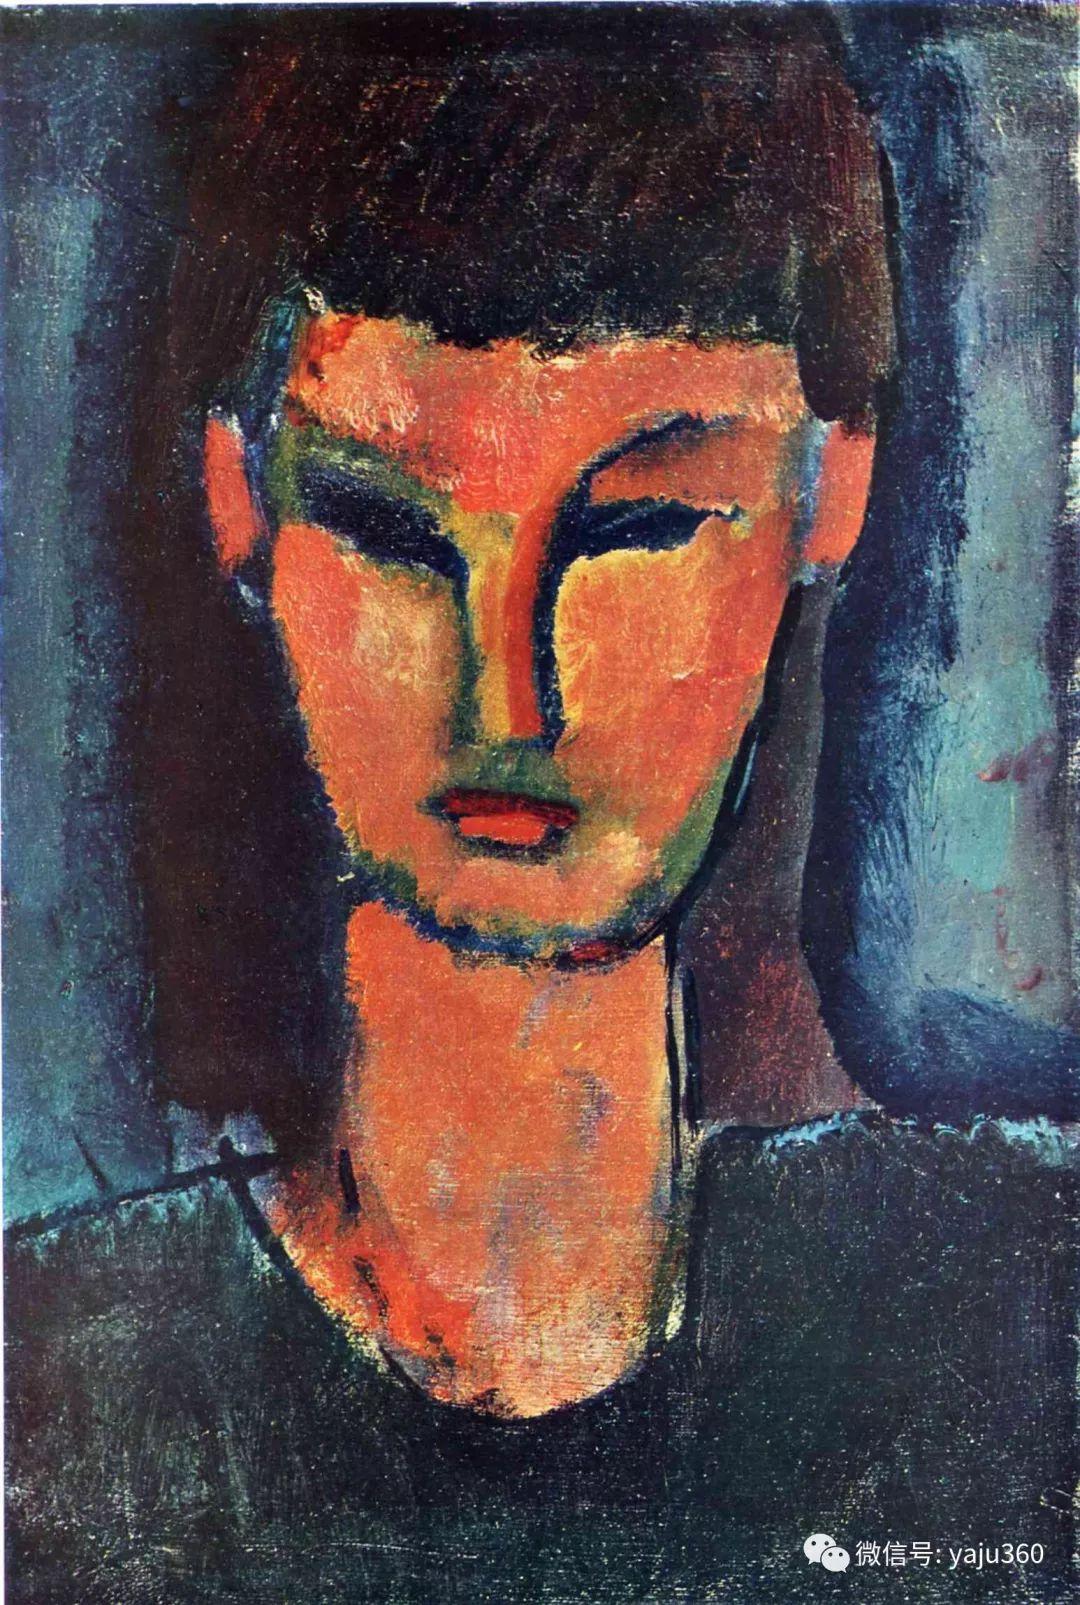 世界著名画家之莫迪利阿尼插图93